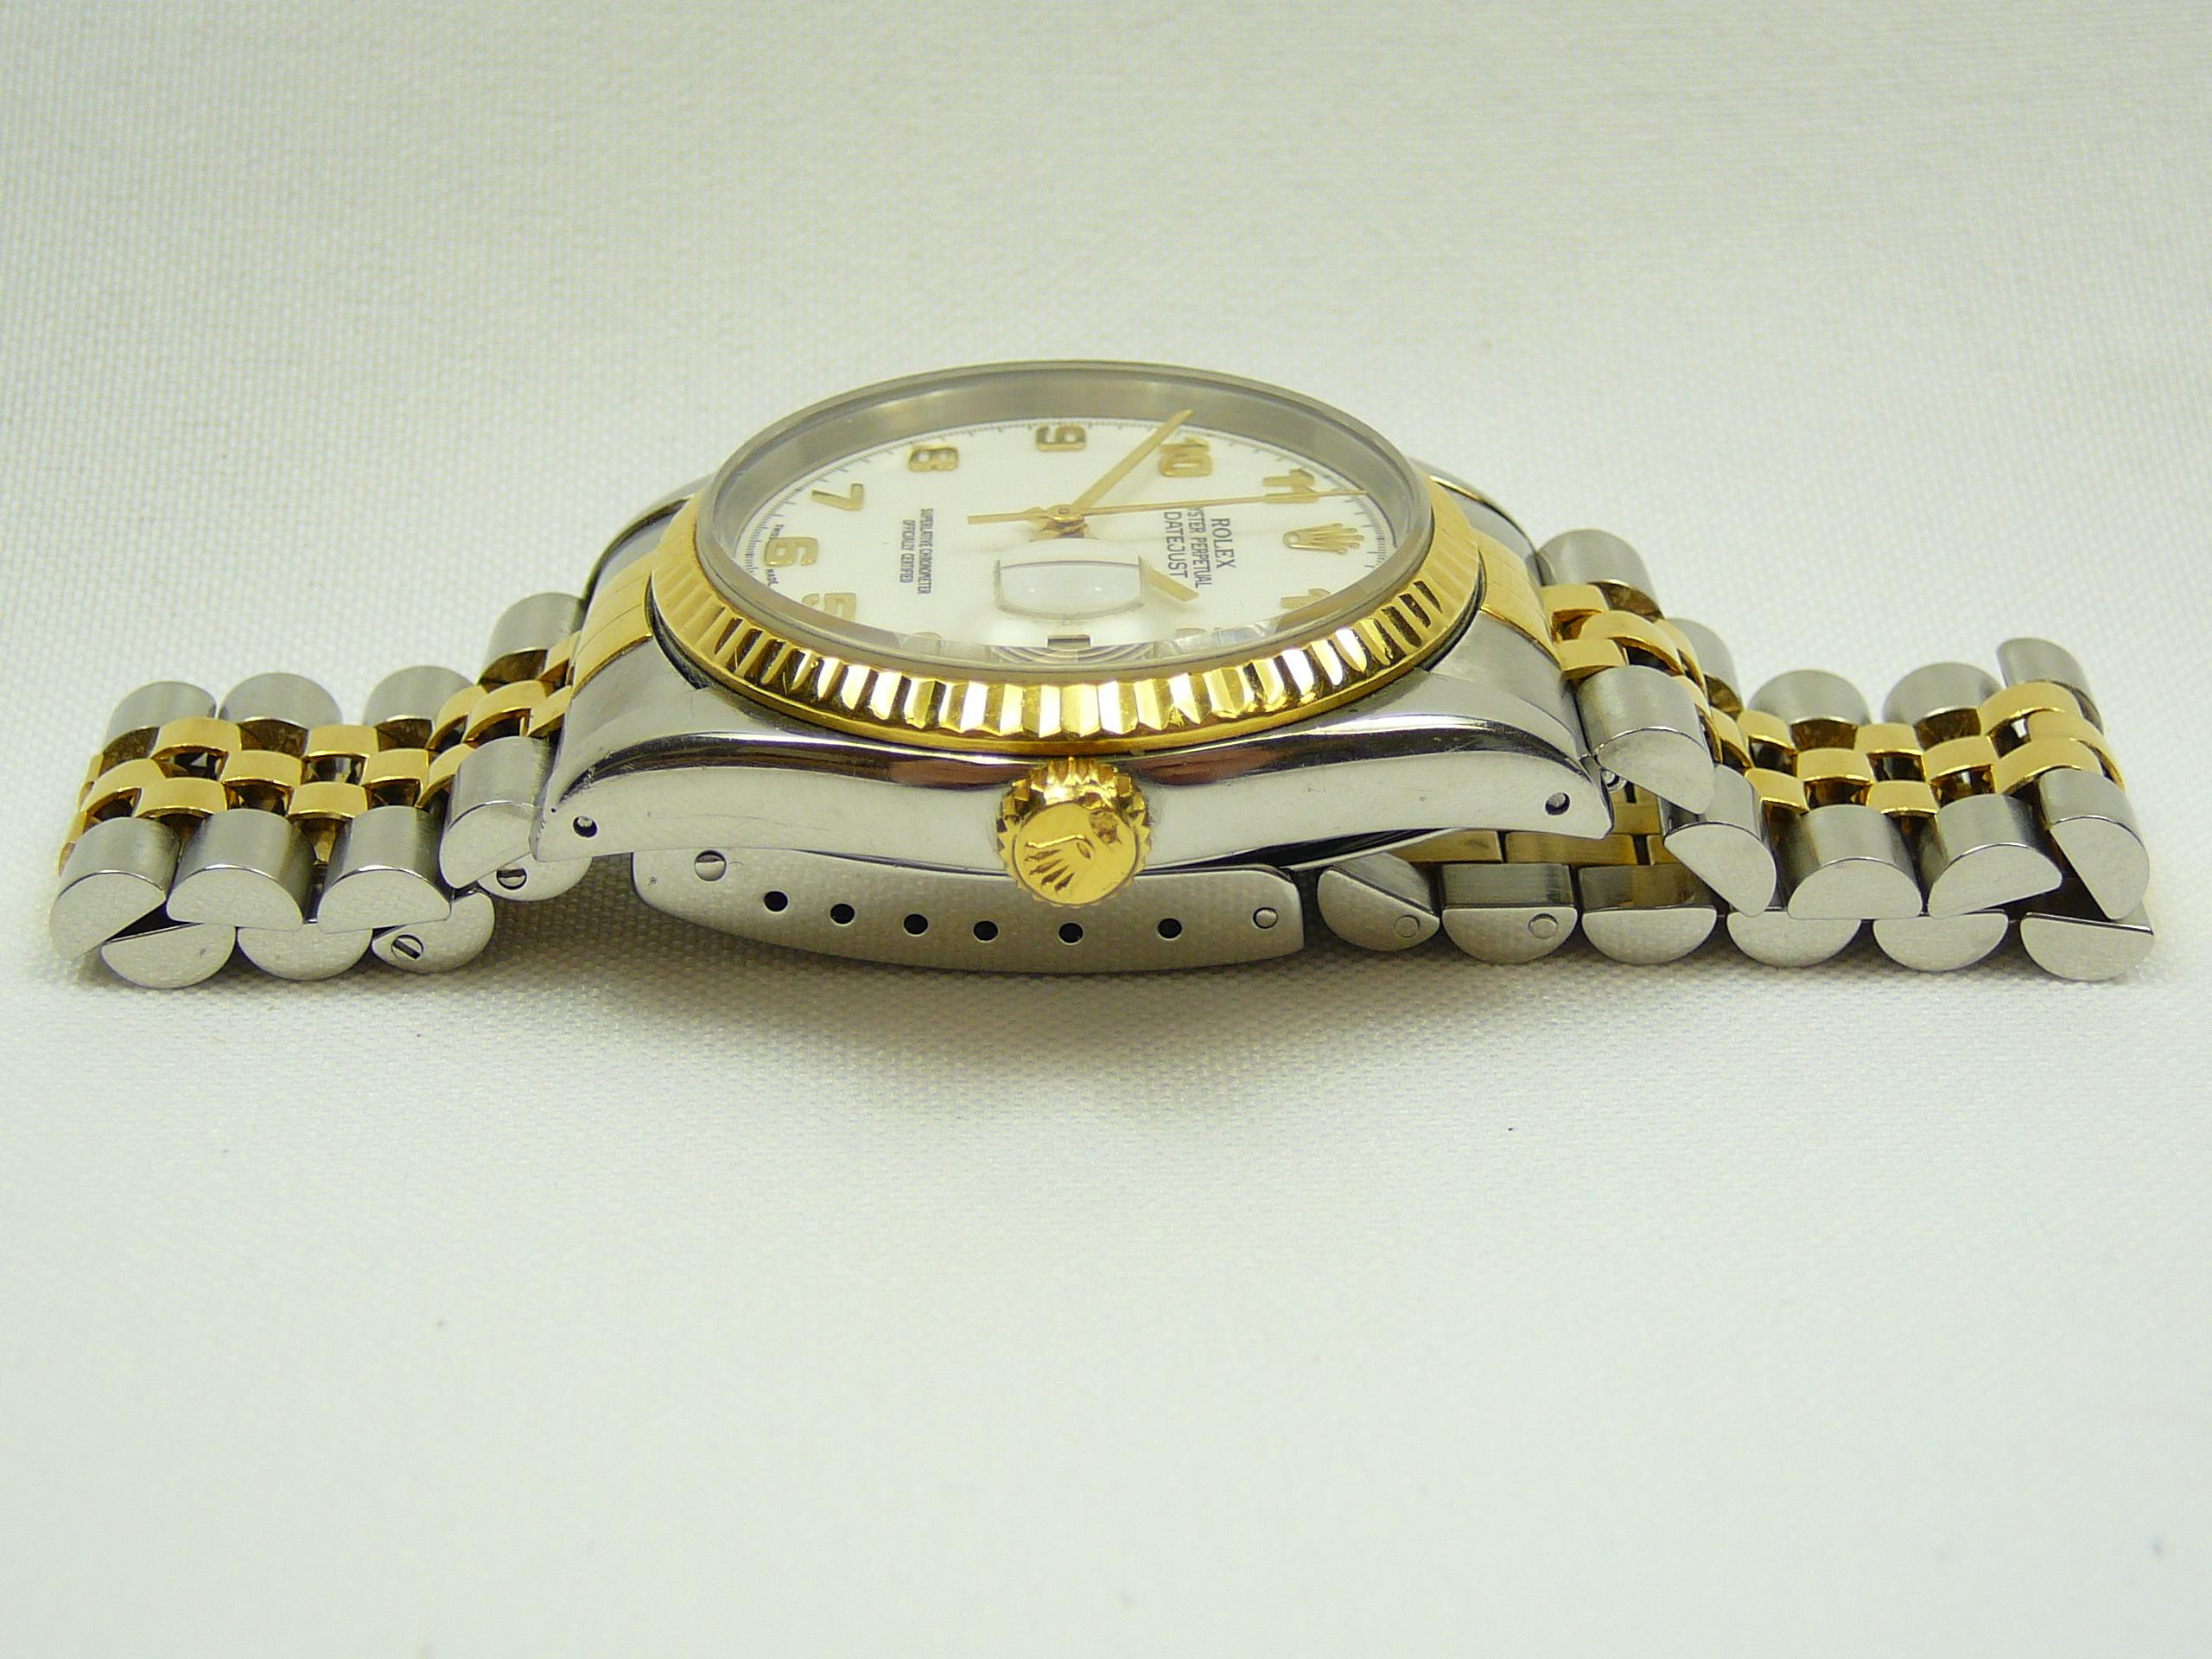 Gents Rolex Wrist Watch - Image 4 of 6